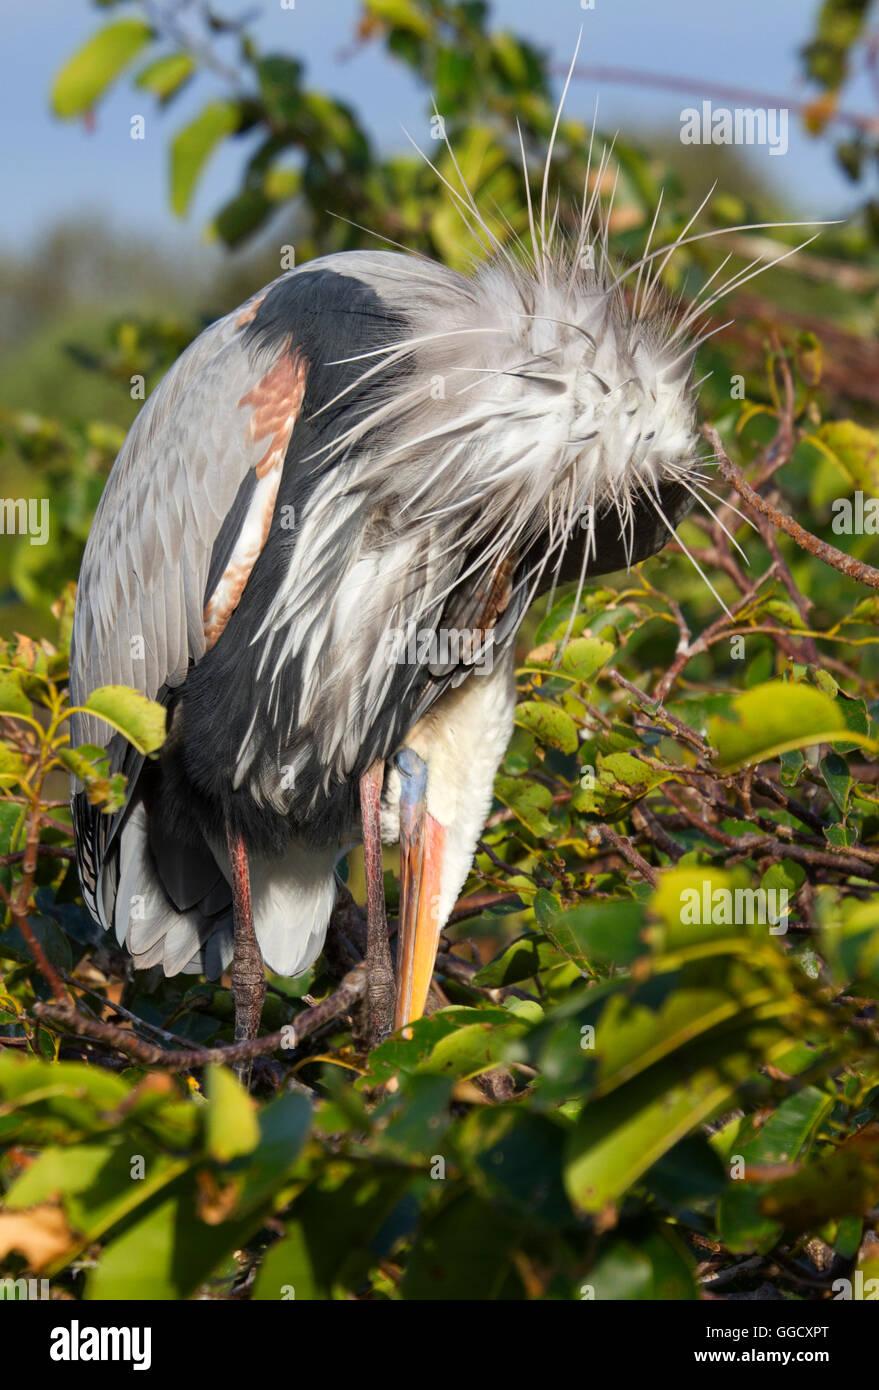 Great Blue Heron übernimmt Schlangenmensch Haltung beim Putzen! Stockbild